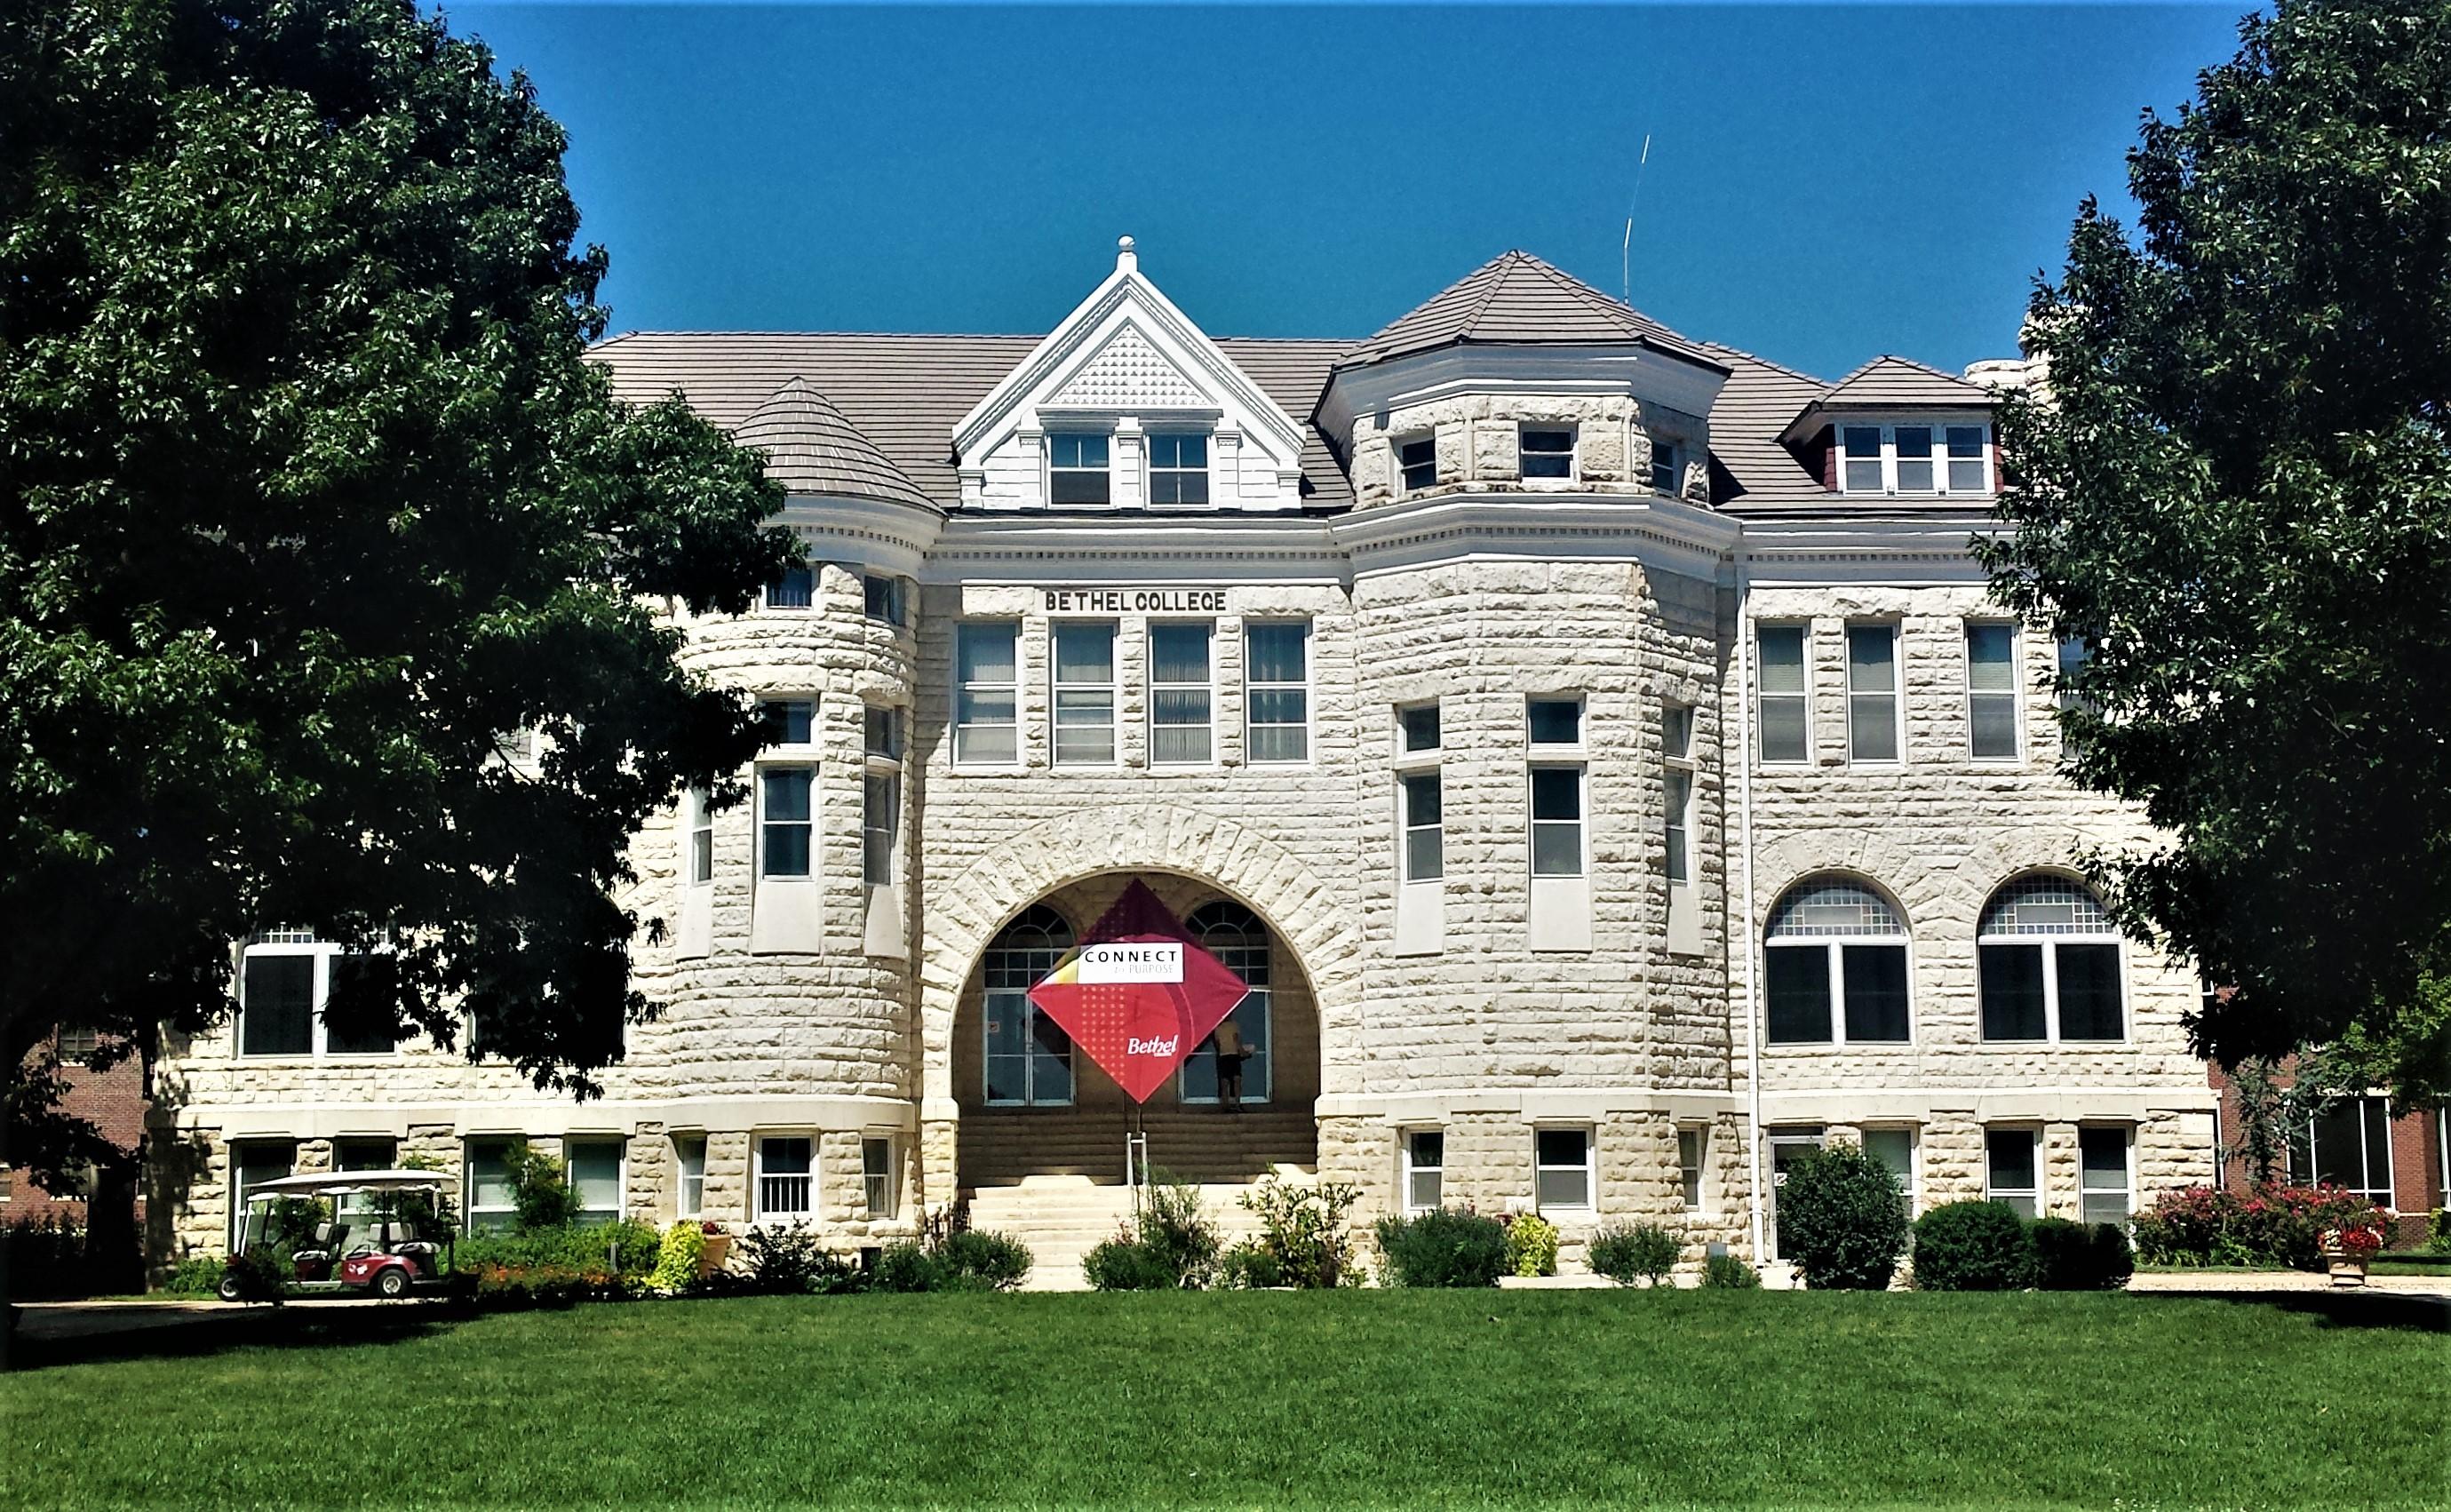 Bethel College